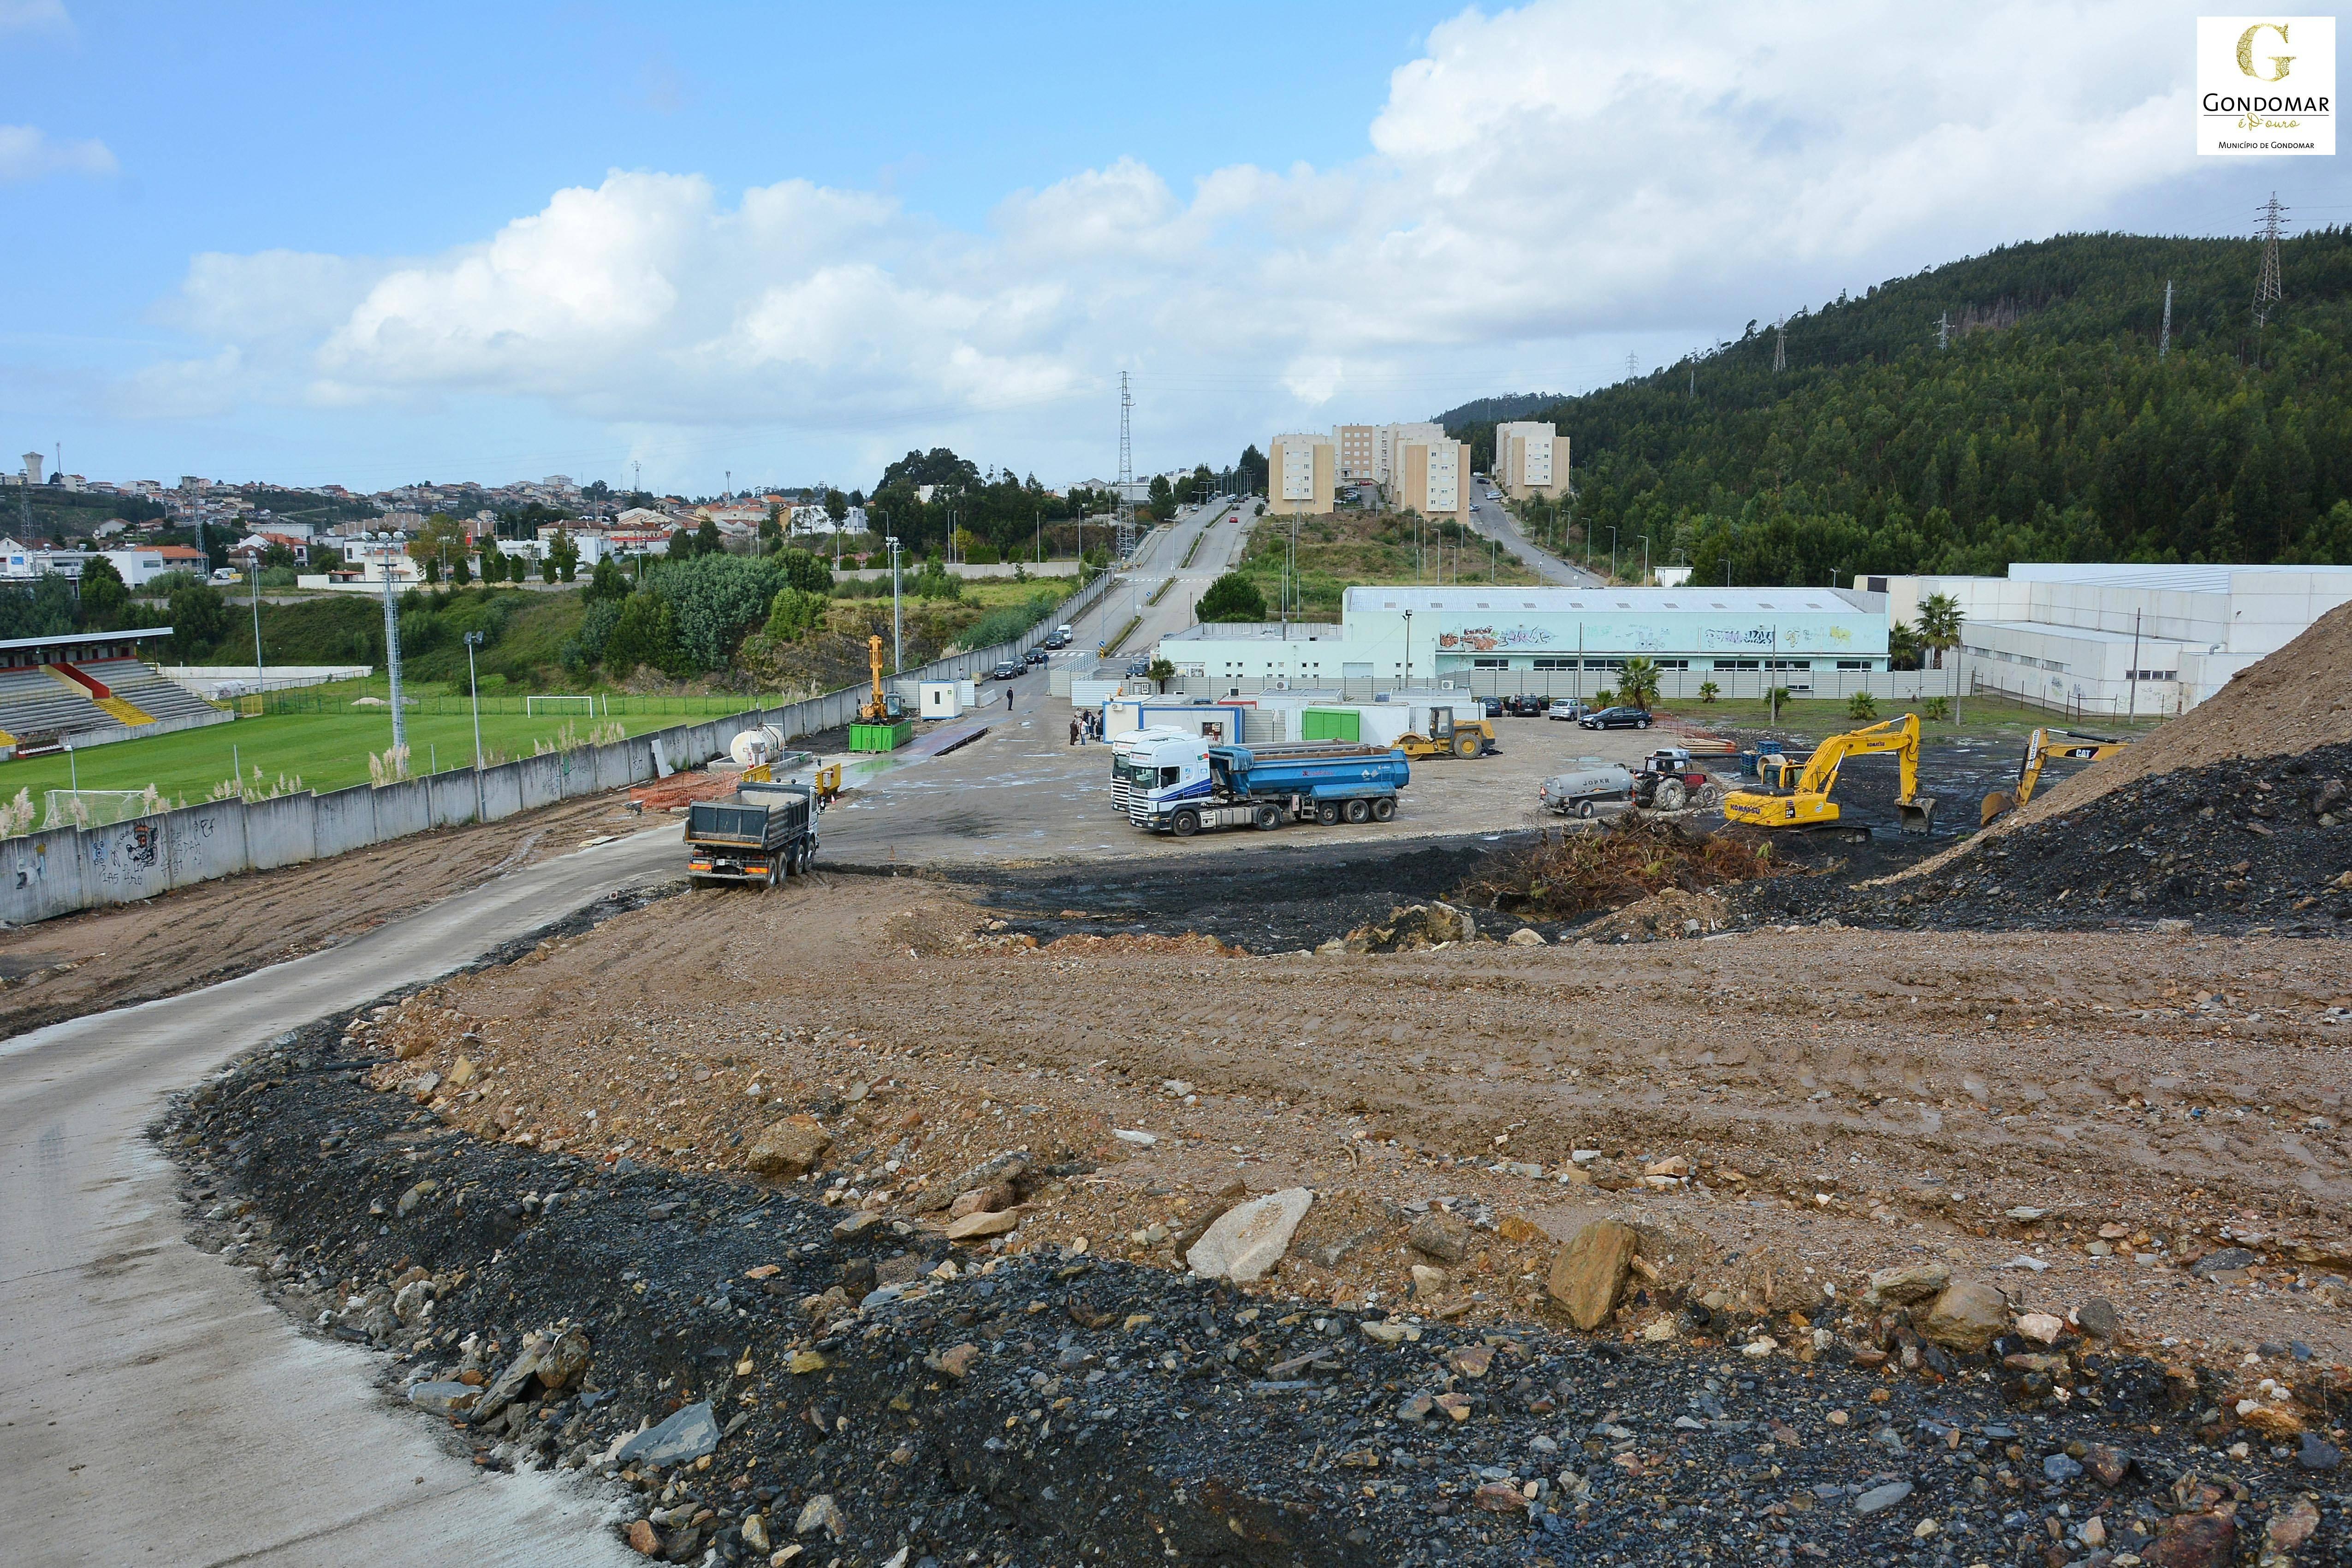 Gondomar toma posse de terrenos em São Pedro da Cova e avança com a retirada de resíduos perigosos